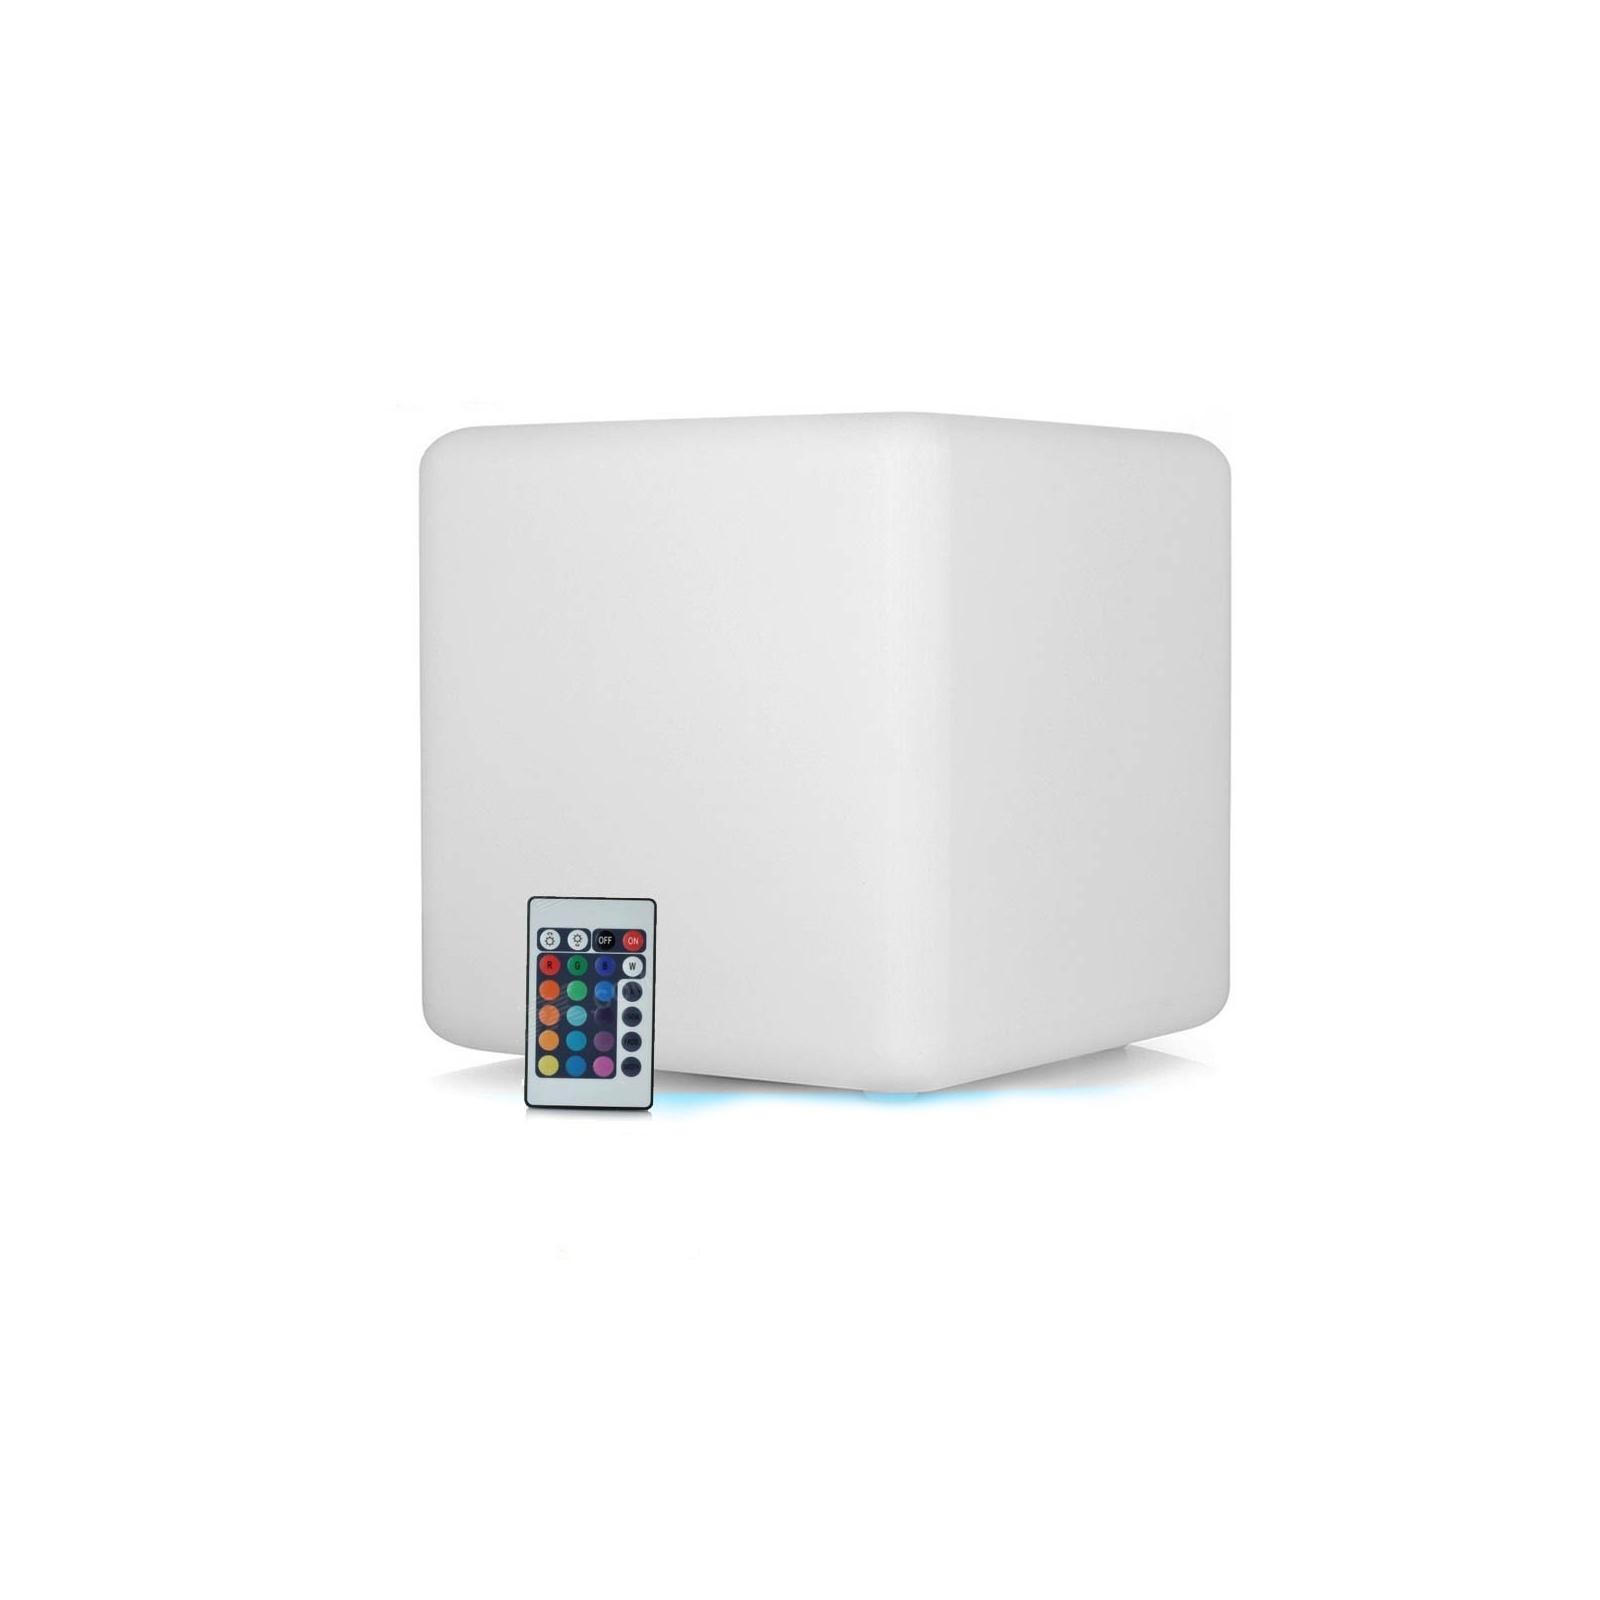 Cube LED Lumineux Multicolore 60CM Rechargeable Sans Fil